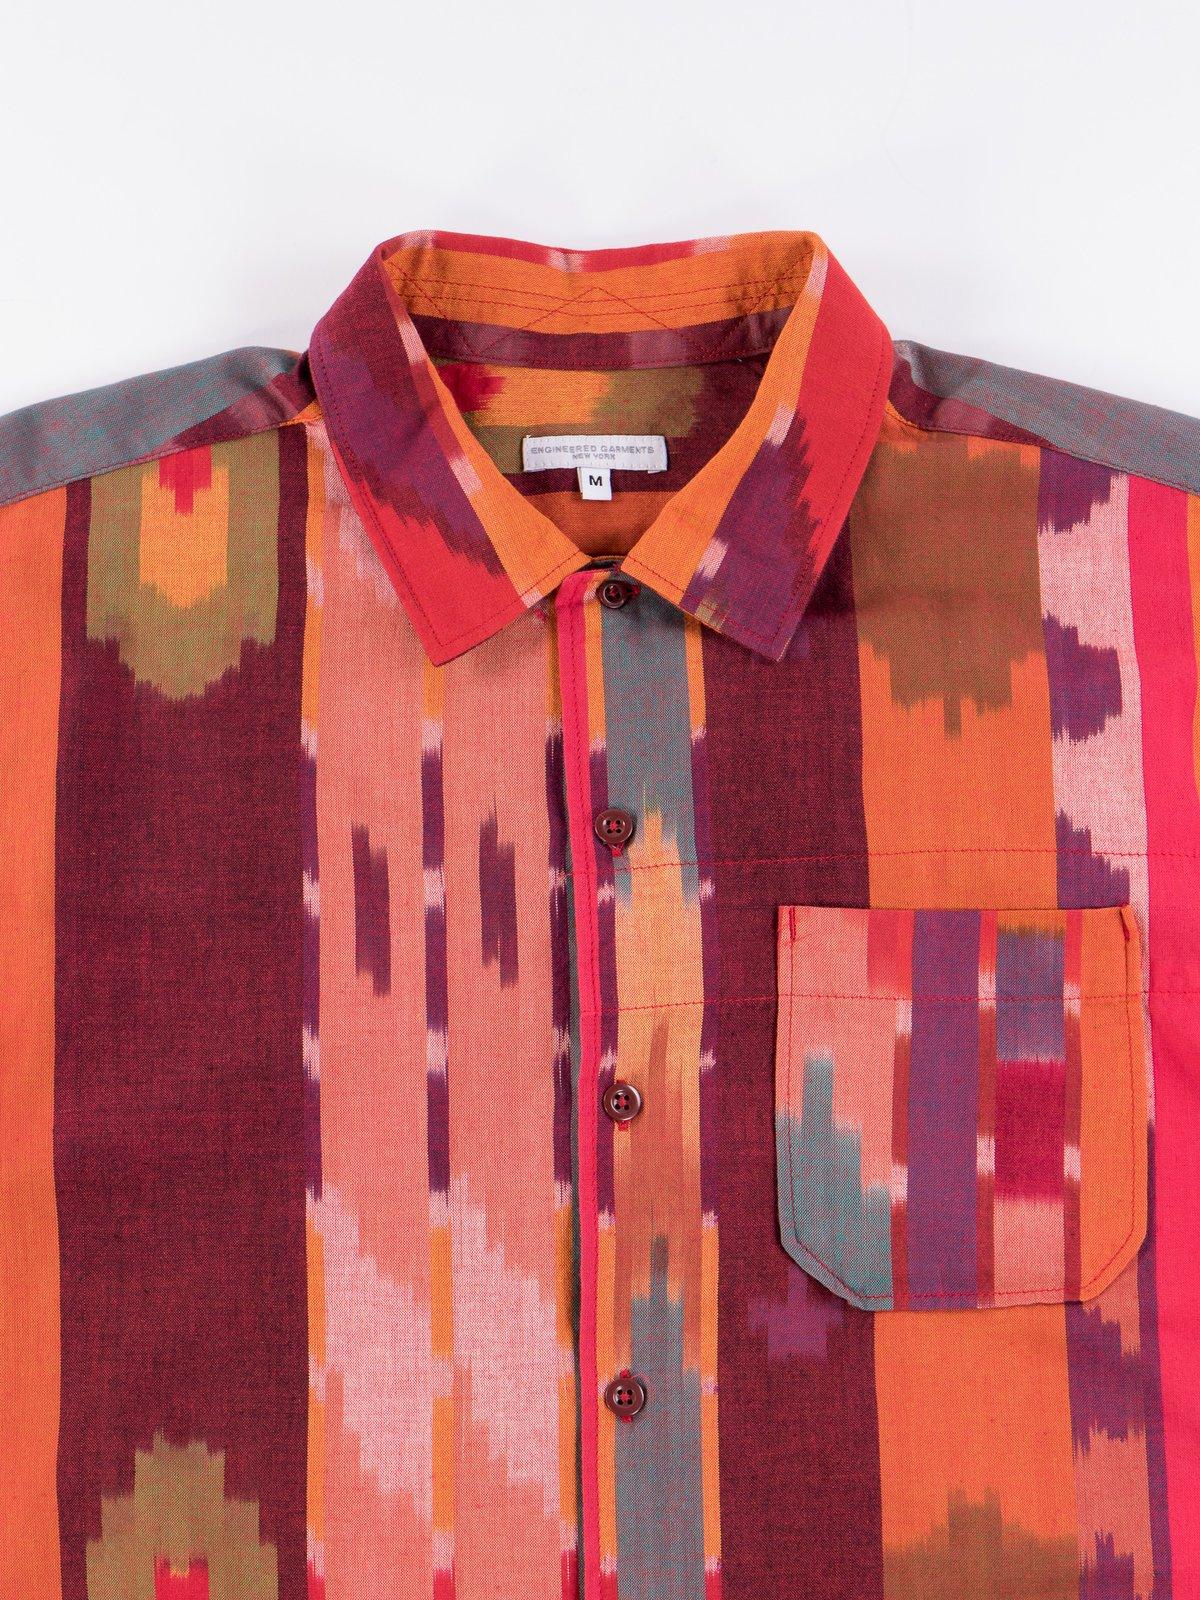 Red/Orange Cotton Ikat Camp Shirt - Image 3